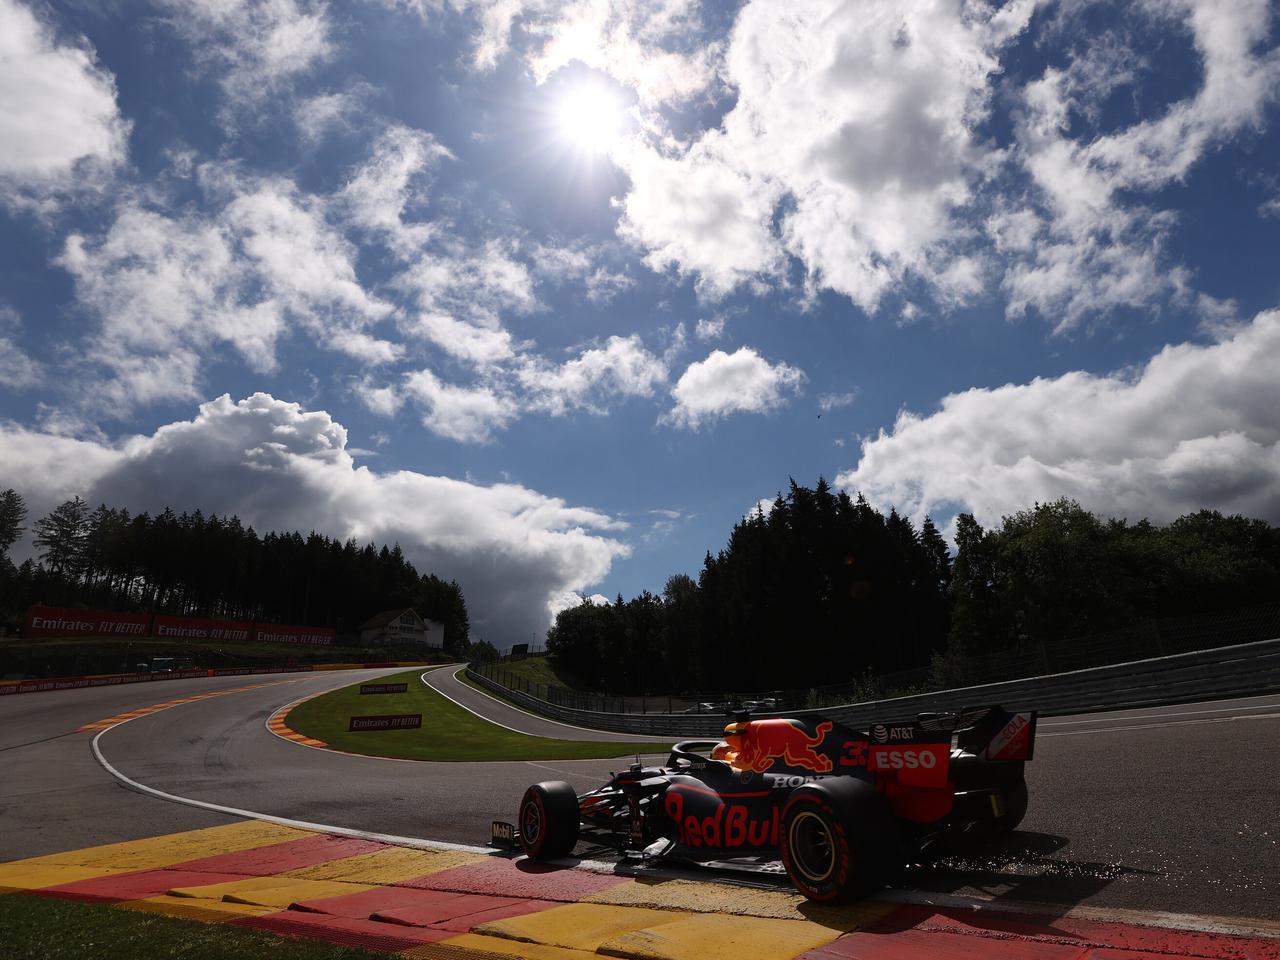 F1ベルギーGP、単調なレース展開でフェルスタッペンに逆転優勝のチャンス訪れず【モータースポーツ】